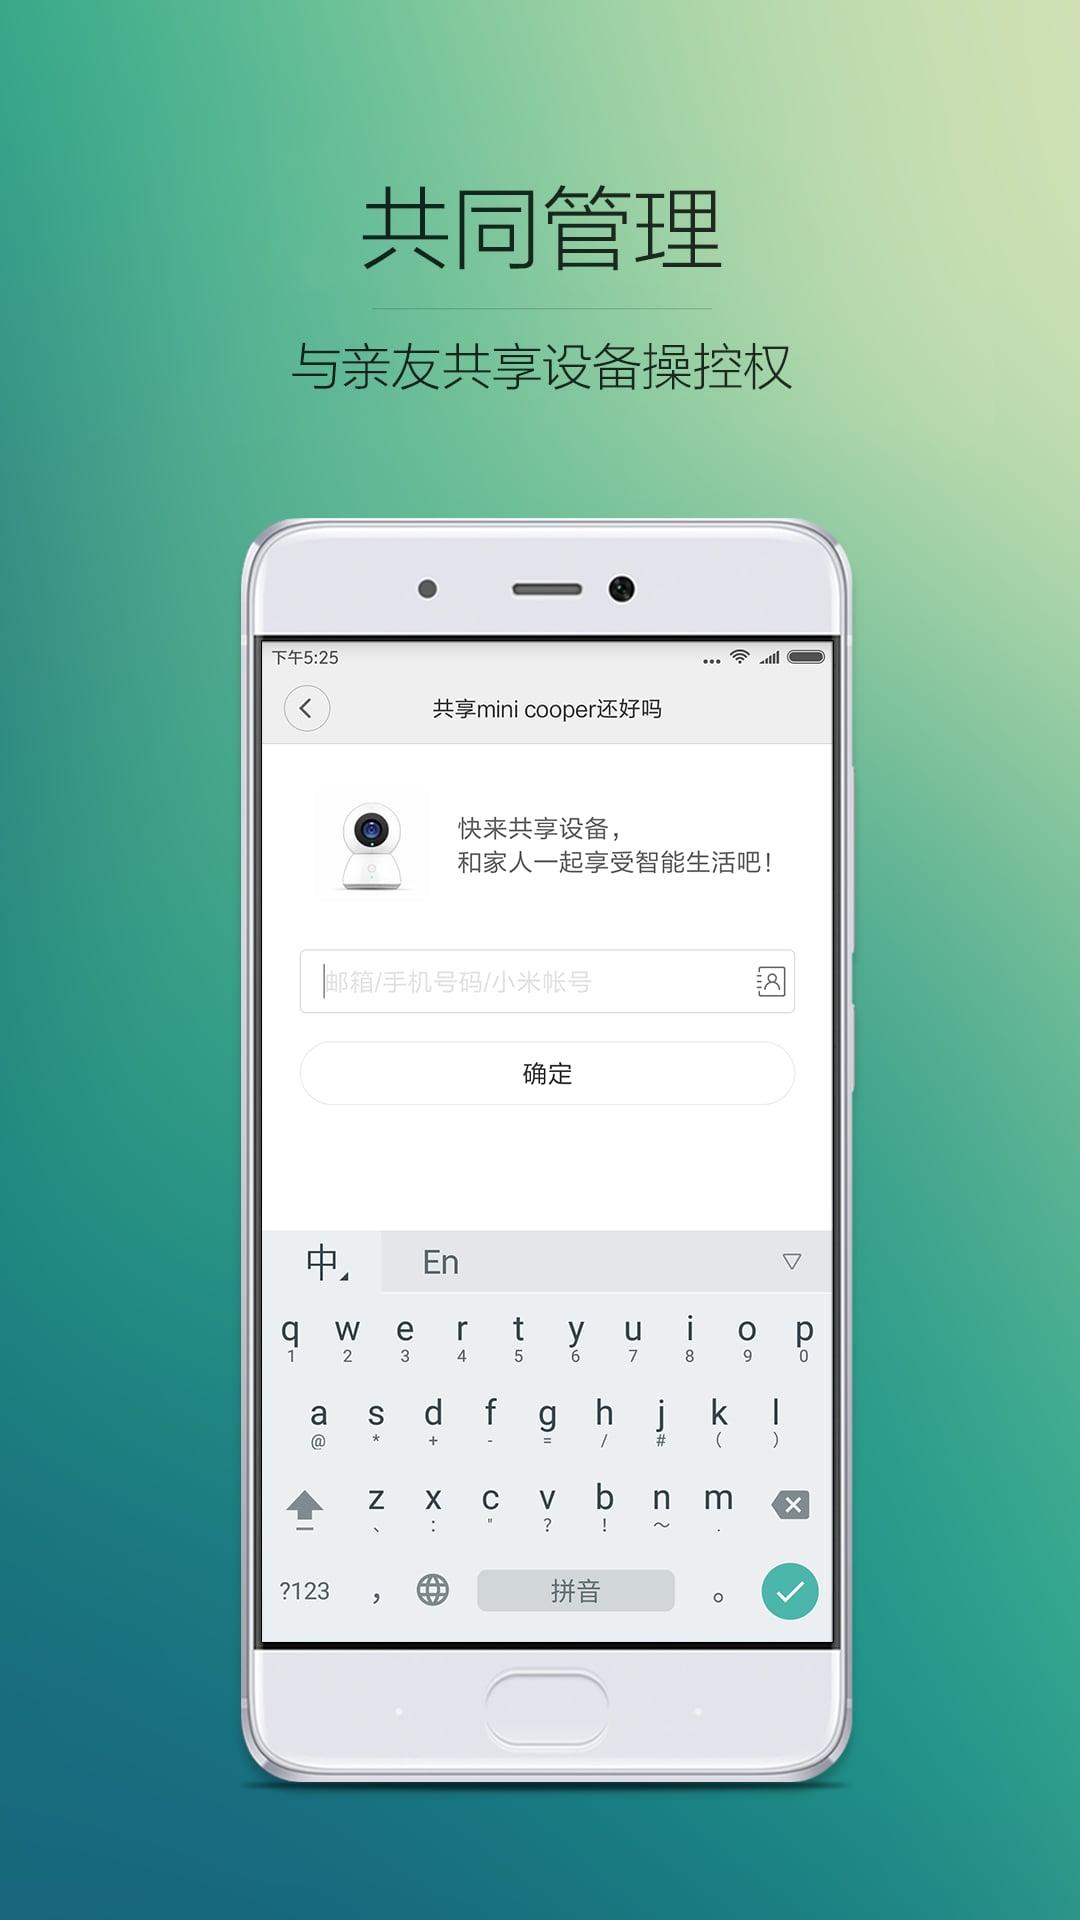 米家 V5.0.15 安卓版截图1